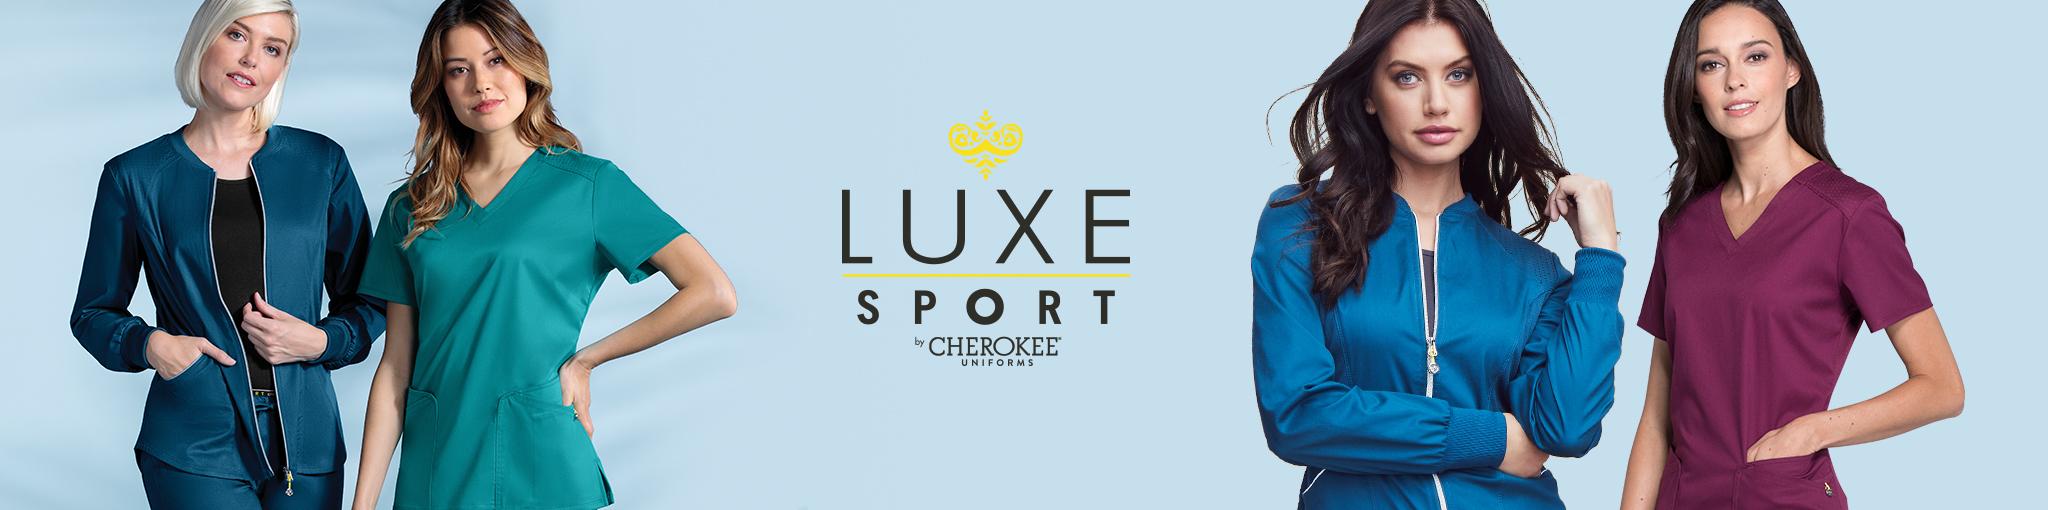 luxe sport cherokee